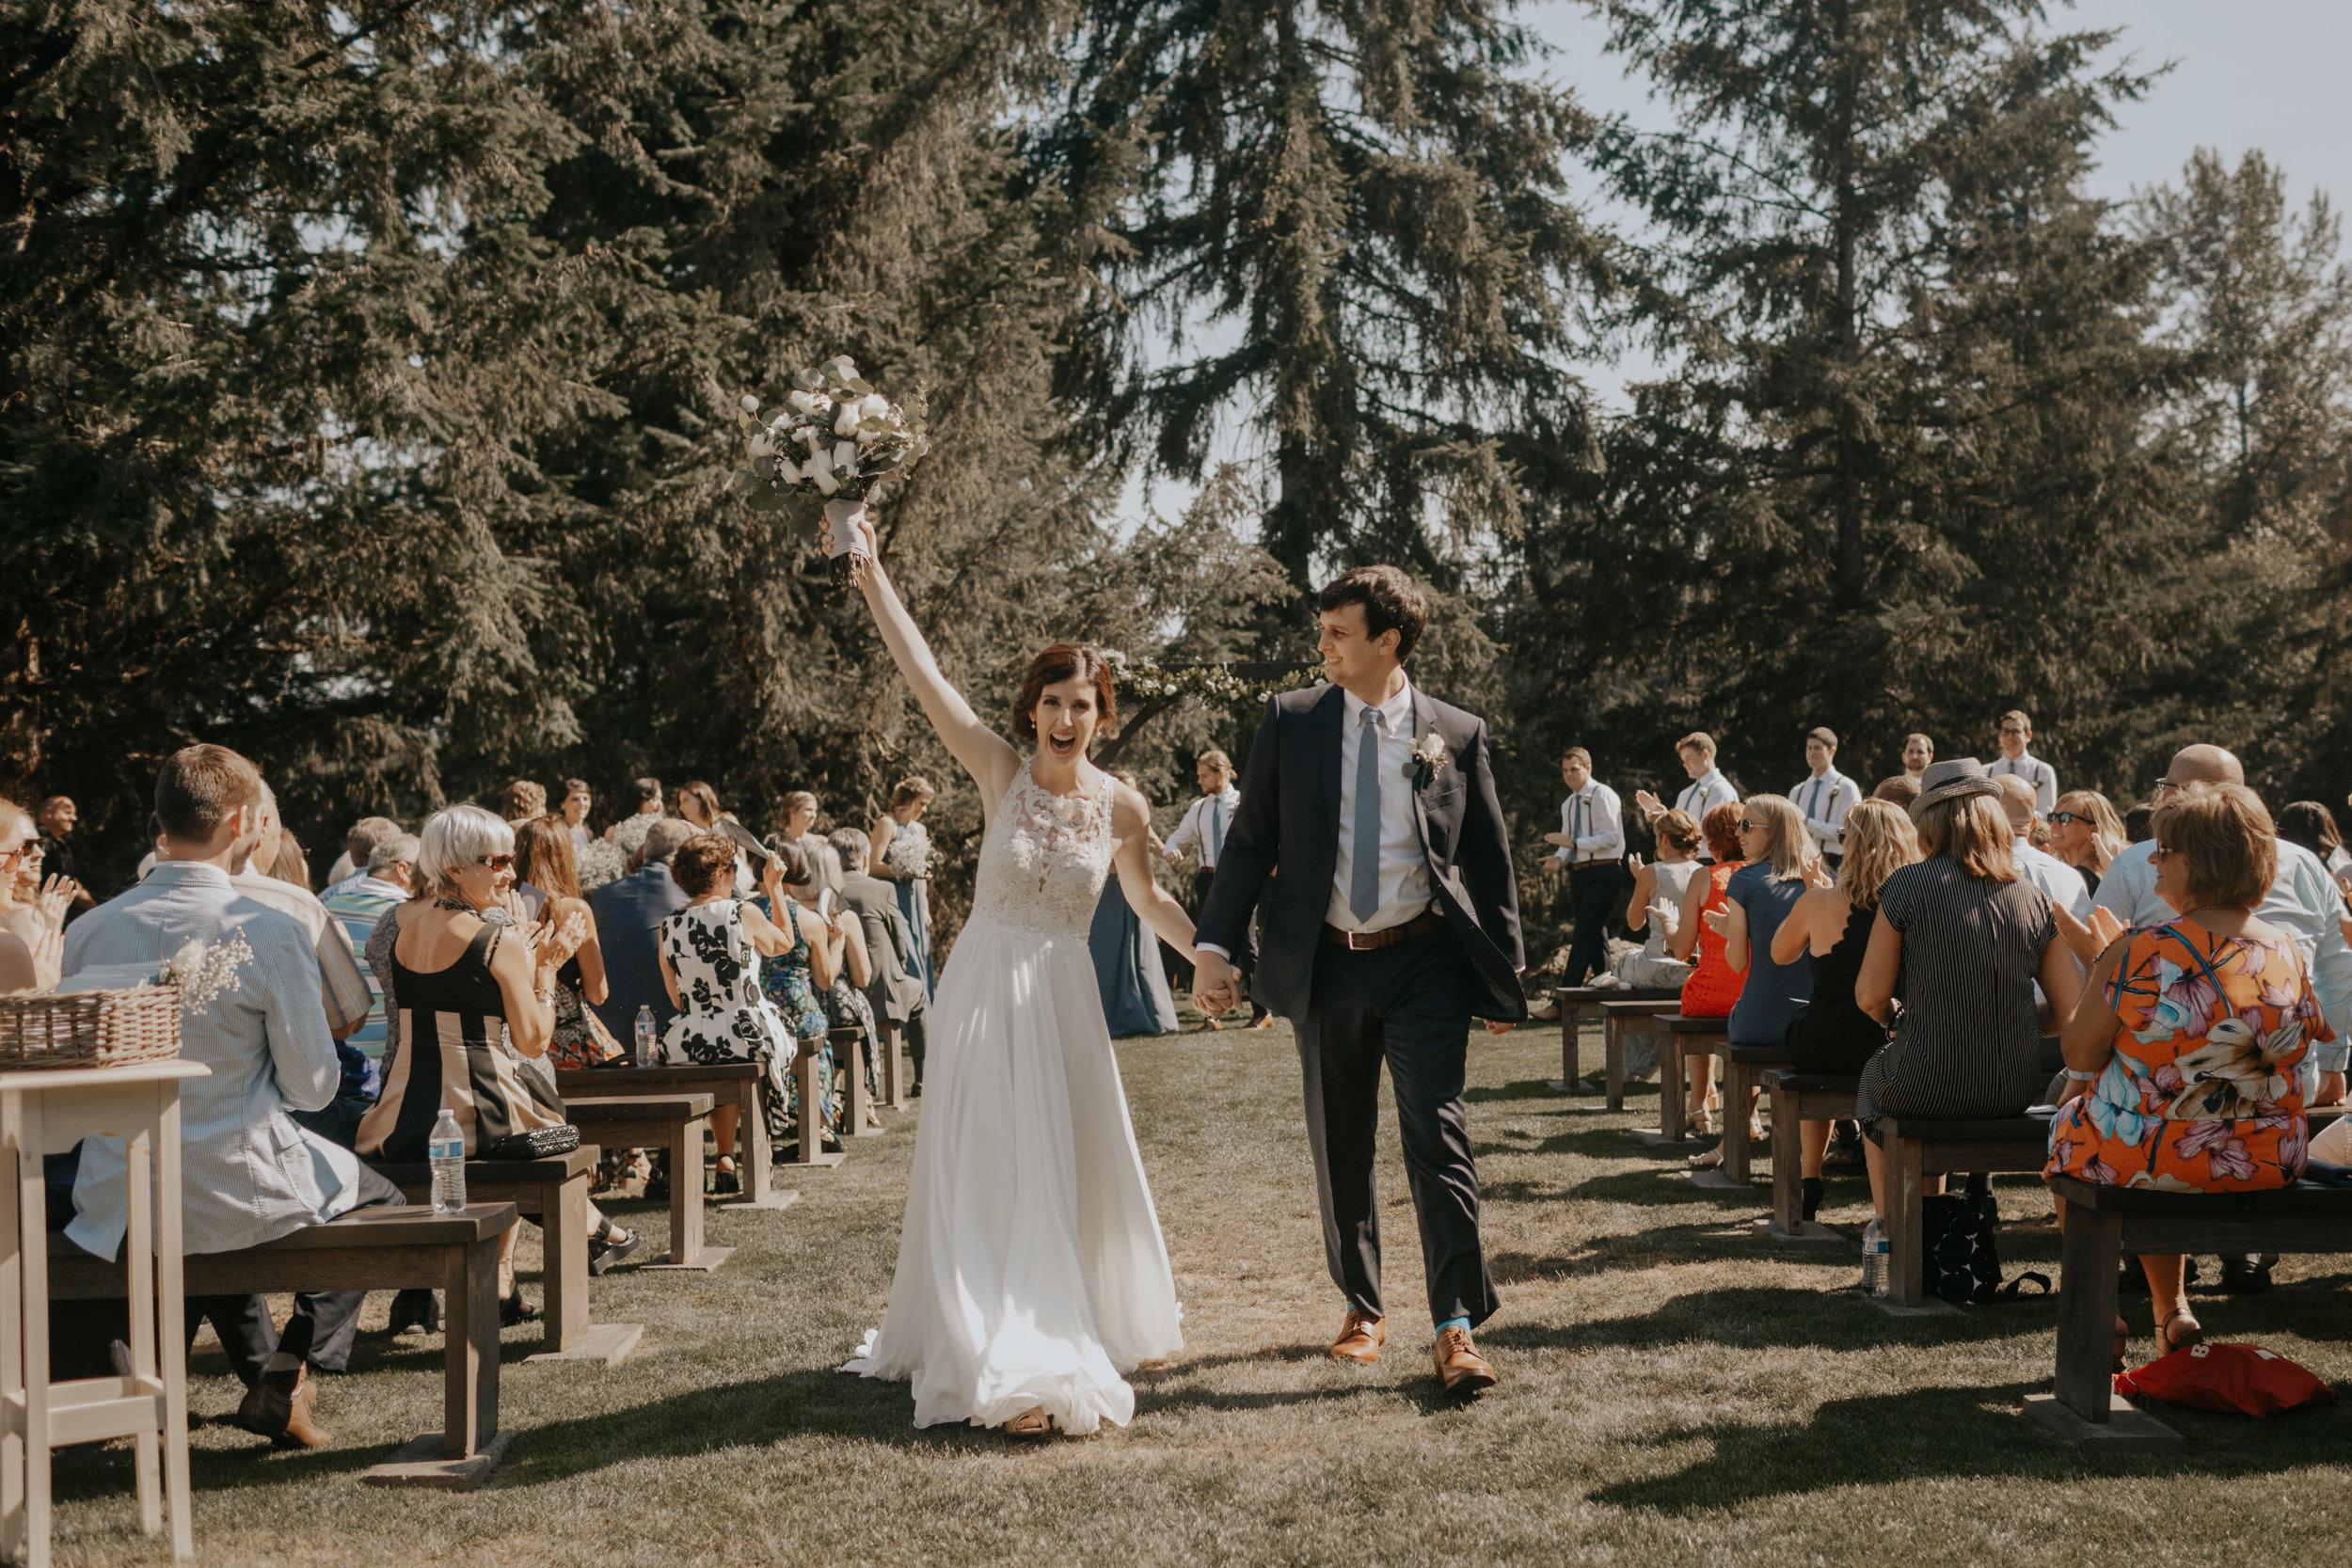 ginapaulson_katymatt_wedding-541.jpg